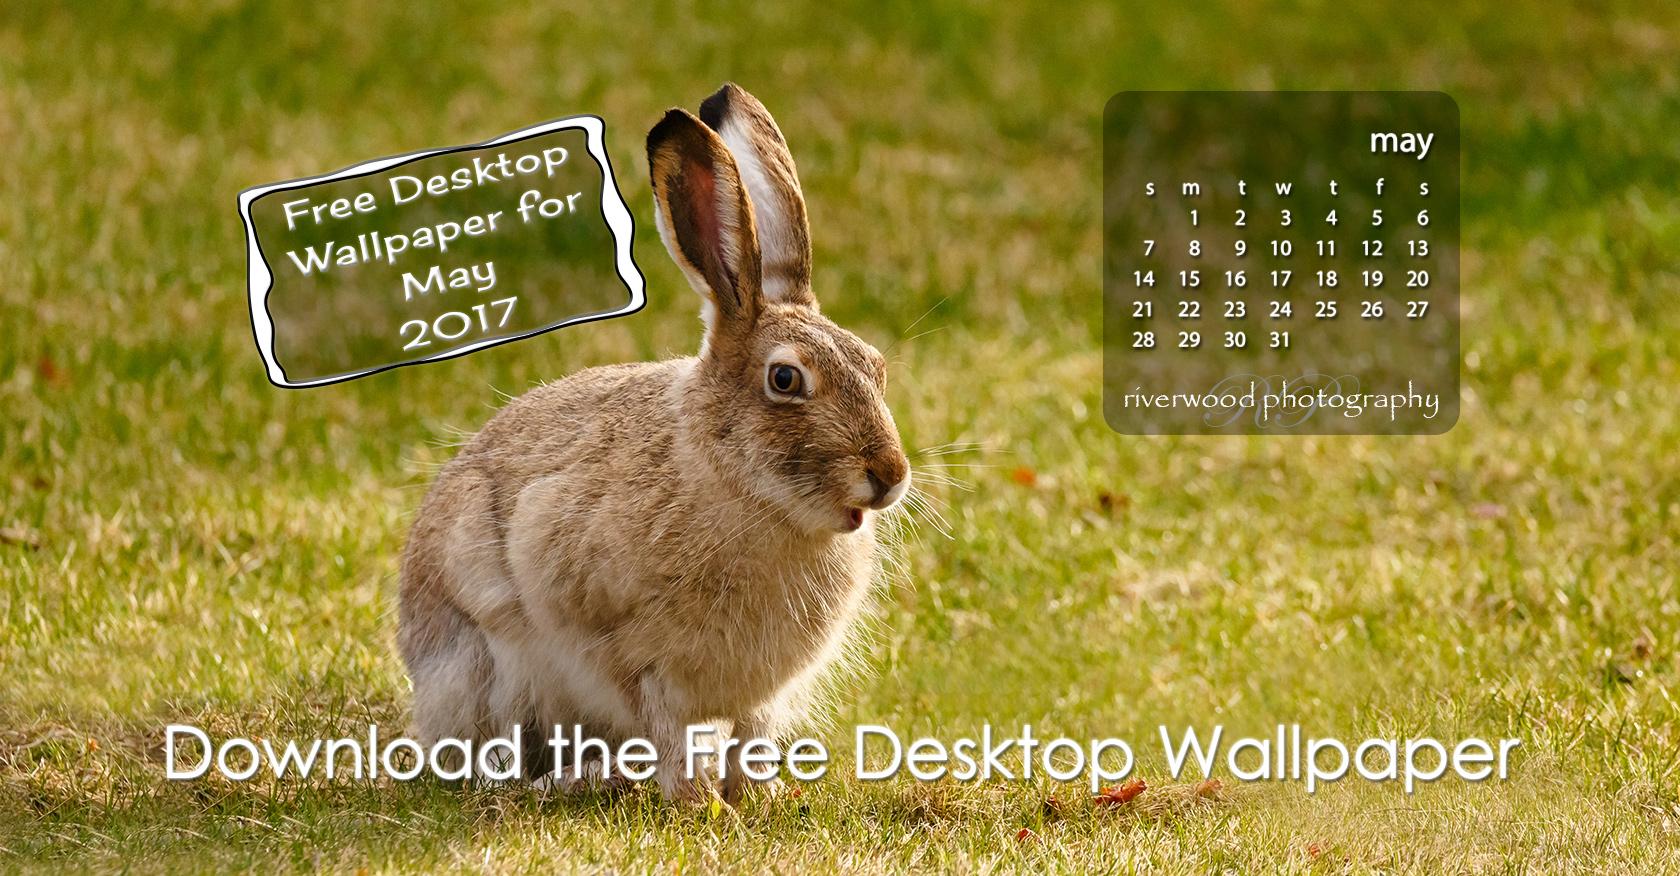 Free Desktop Wallpaper for May 2017